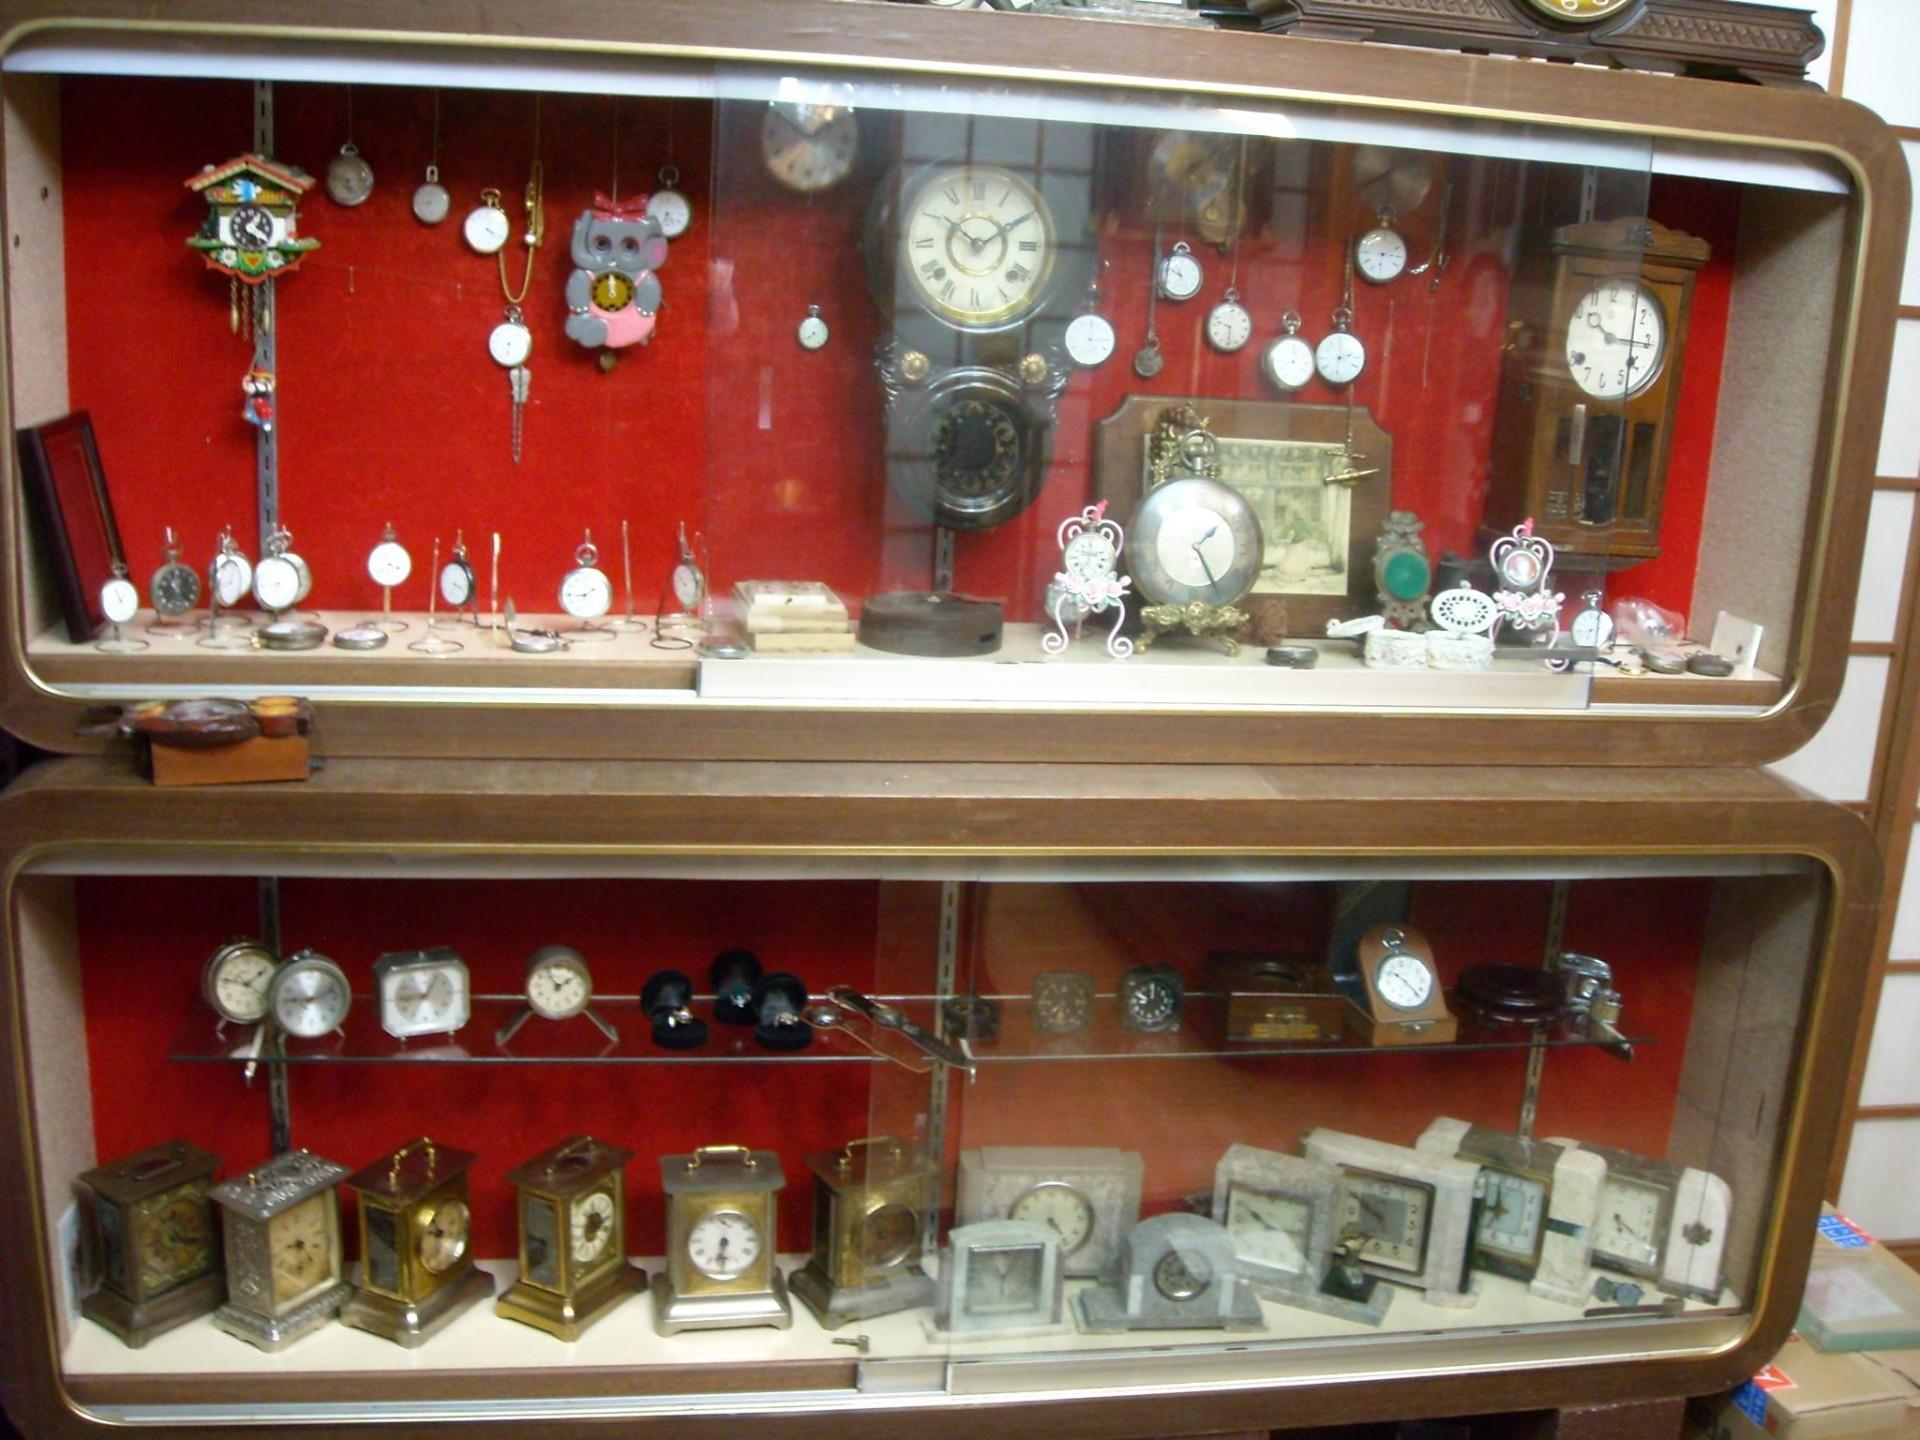 オーナーがアンティーク時計を収集し始めたのは、懐中時計集めがきっかけ。